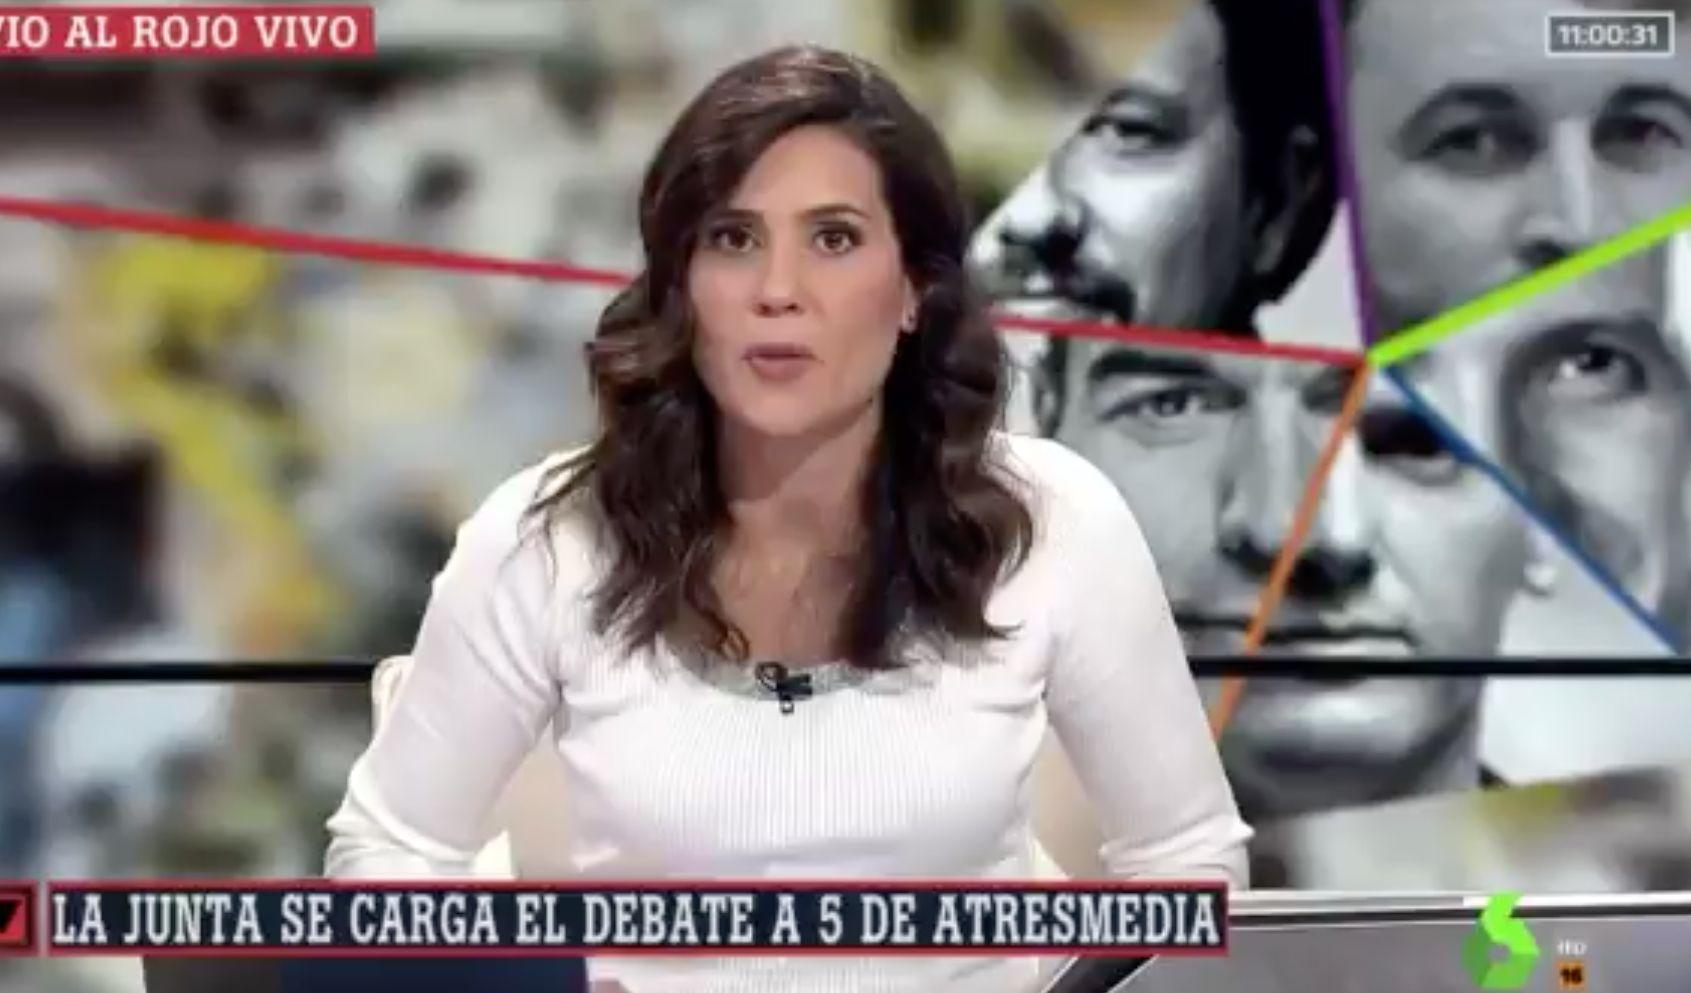 La queja de una periodista de TVE por este comentario de María Llapart en 'Al Rojo